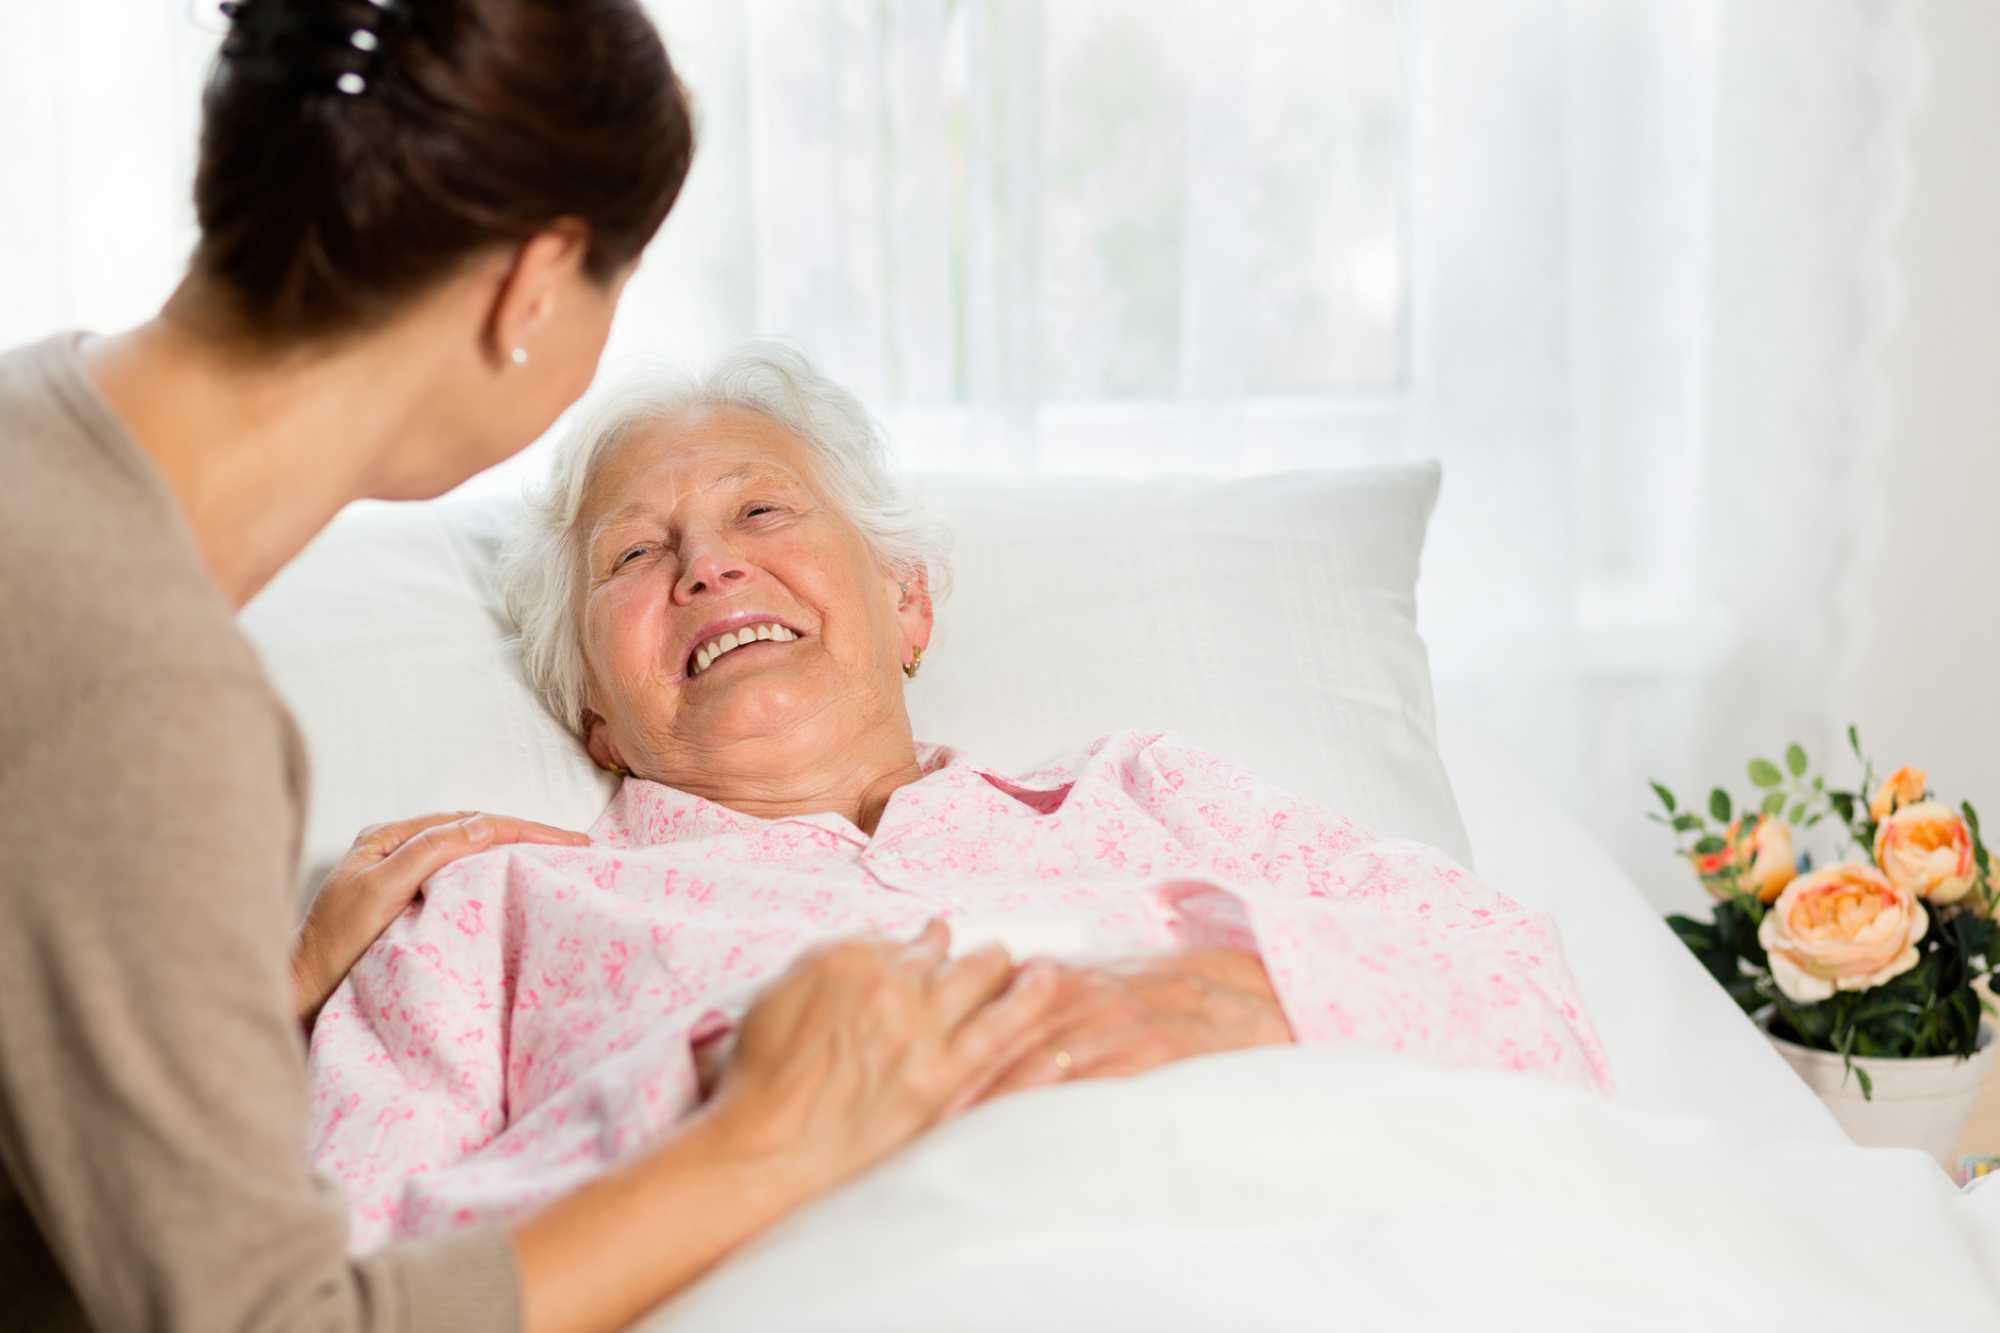 (x) melhores práticas ao cuidar de idoso acamado